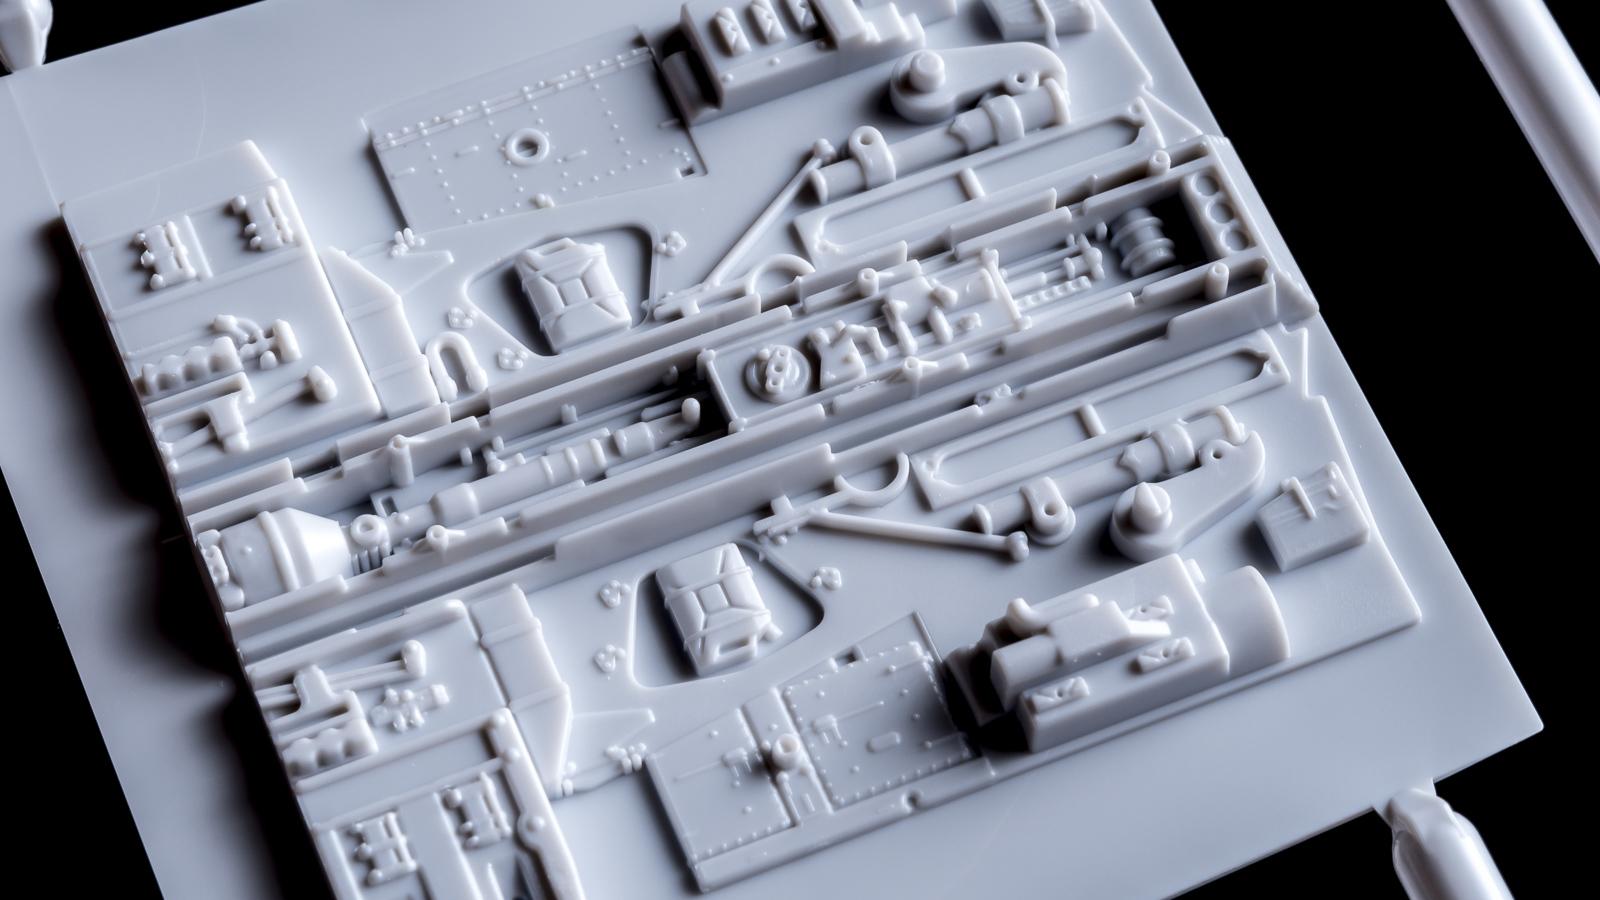 """「模型で作った模型の模型」、バンダイのミレニアムファルコンが持つ\""""パーフェクト\""""の意味【前編】_b0029315_00195352.jpg"""